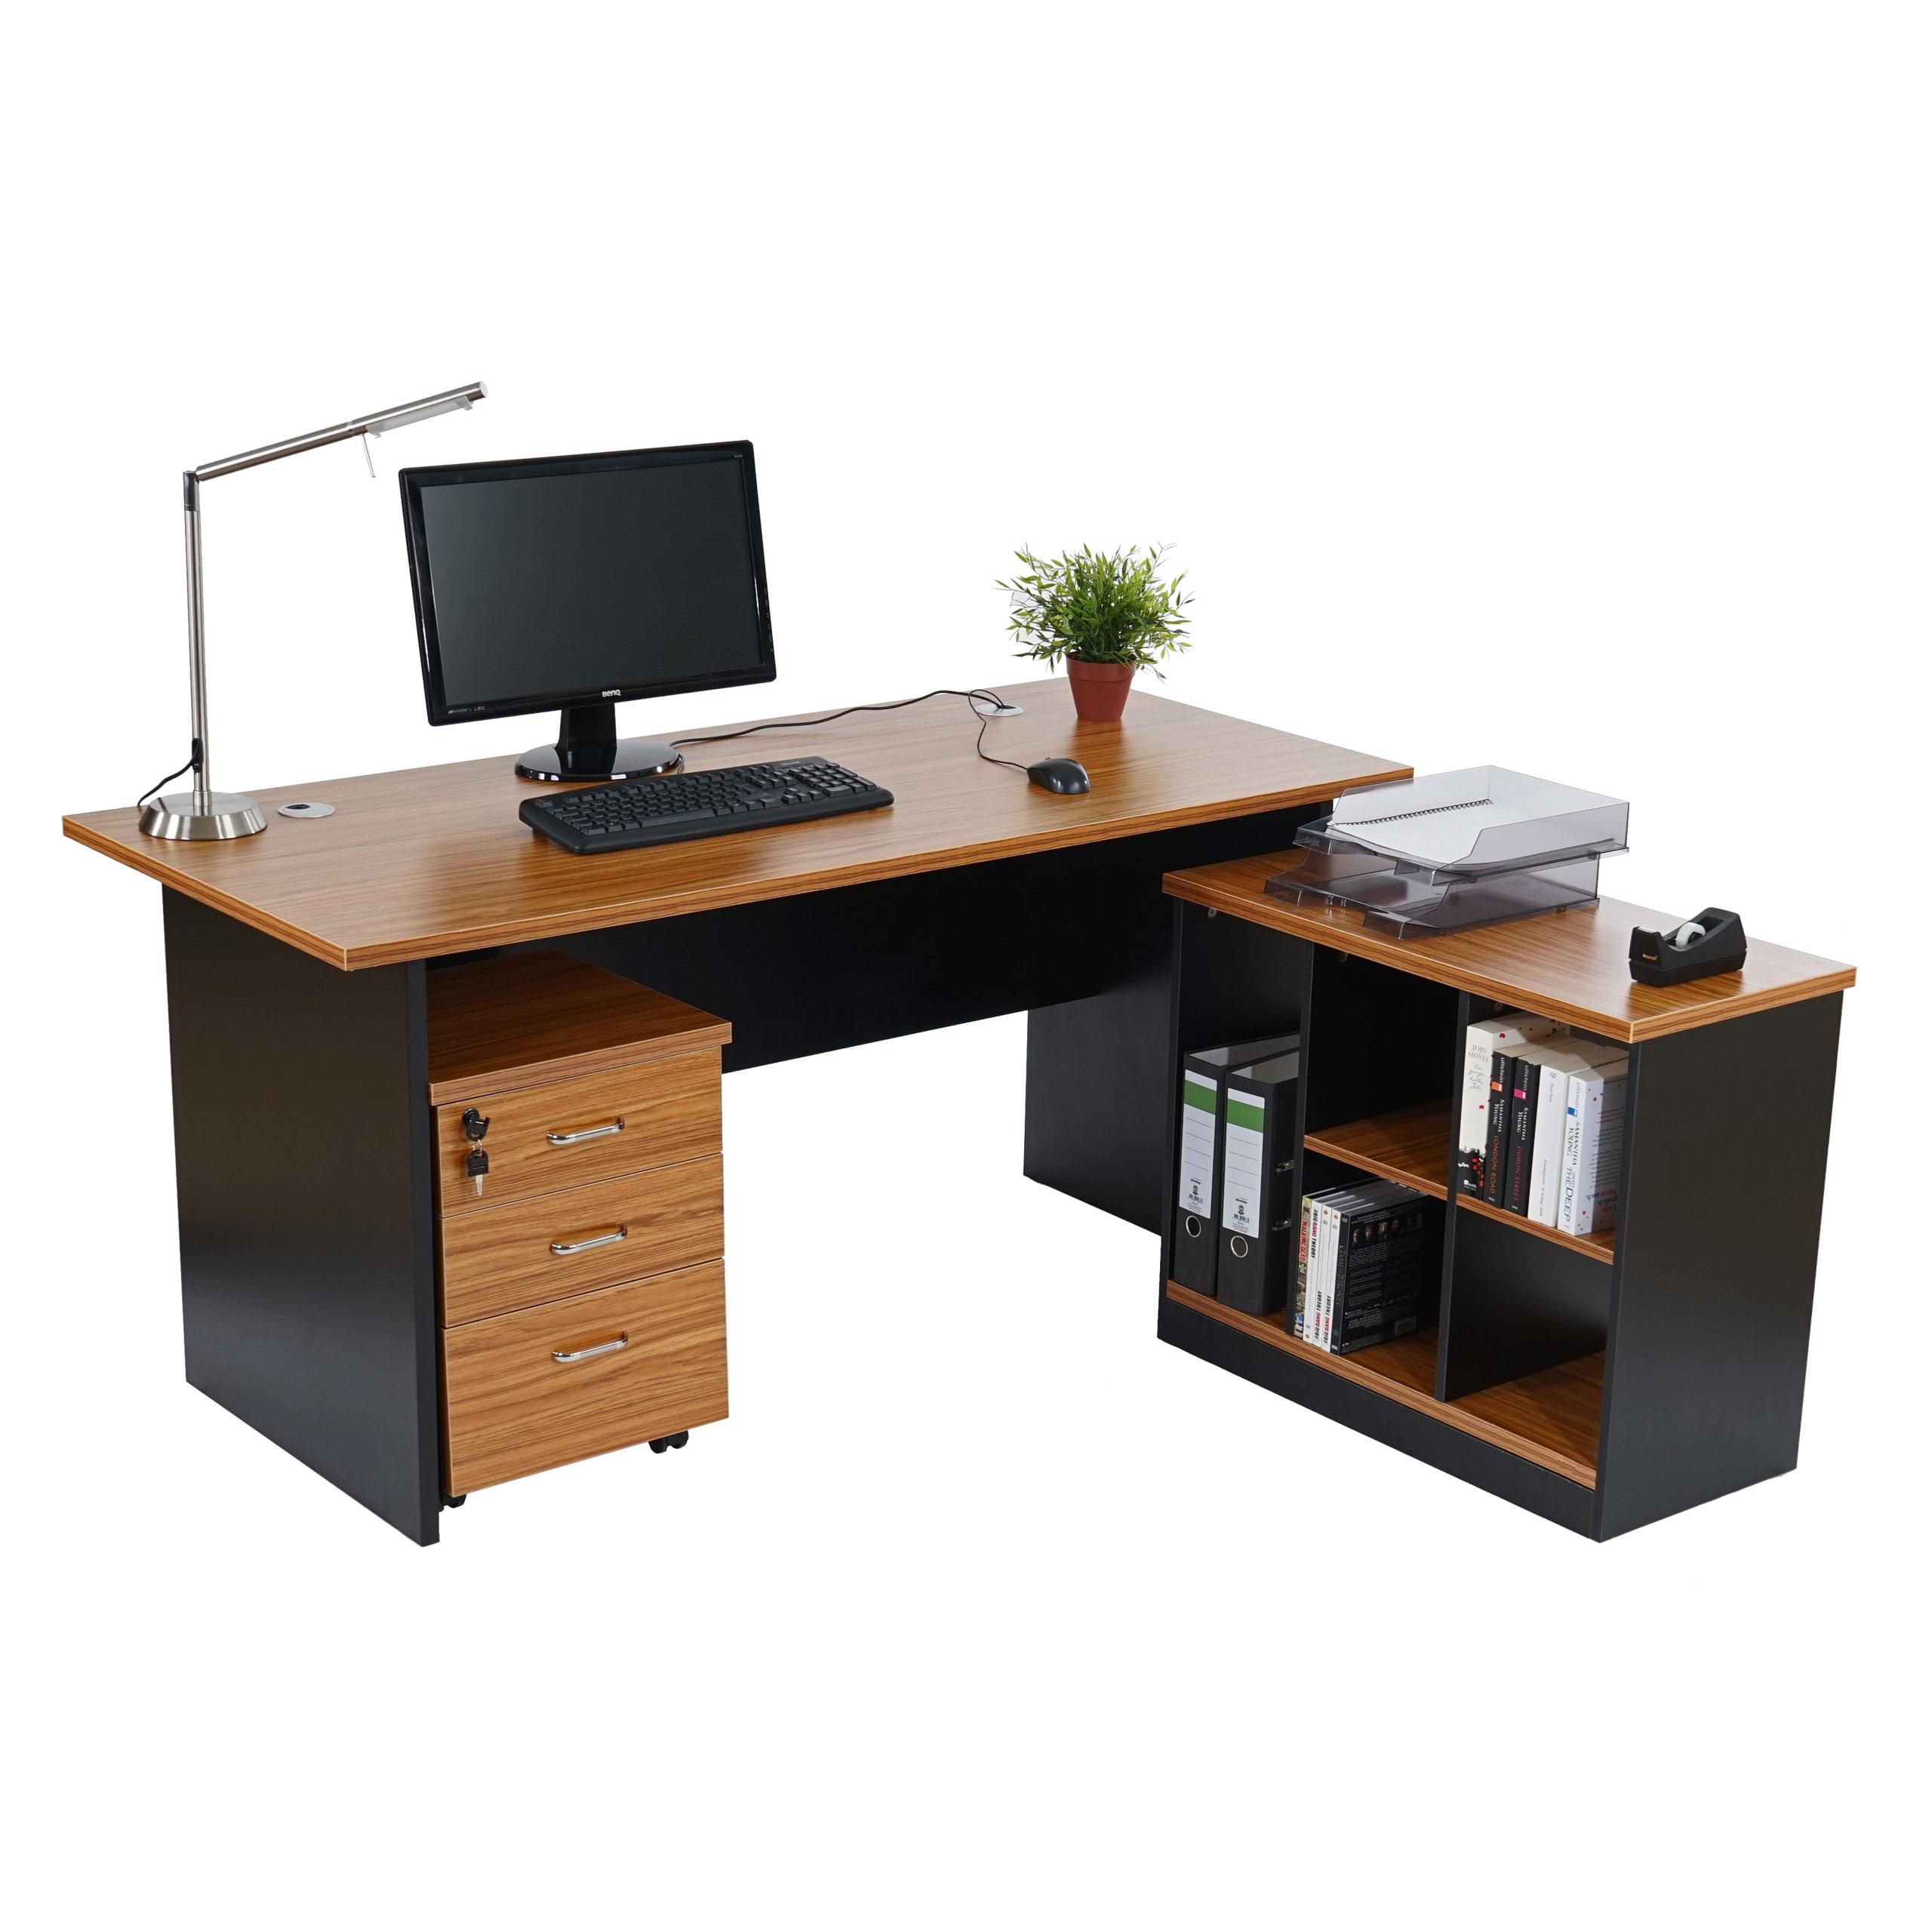 schreibtisch eckschreibtisch calgary 160x150x75cm rotes. Black Bedroom Furniture Sets. Home Design Ideas